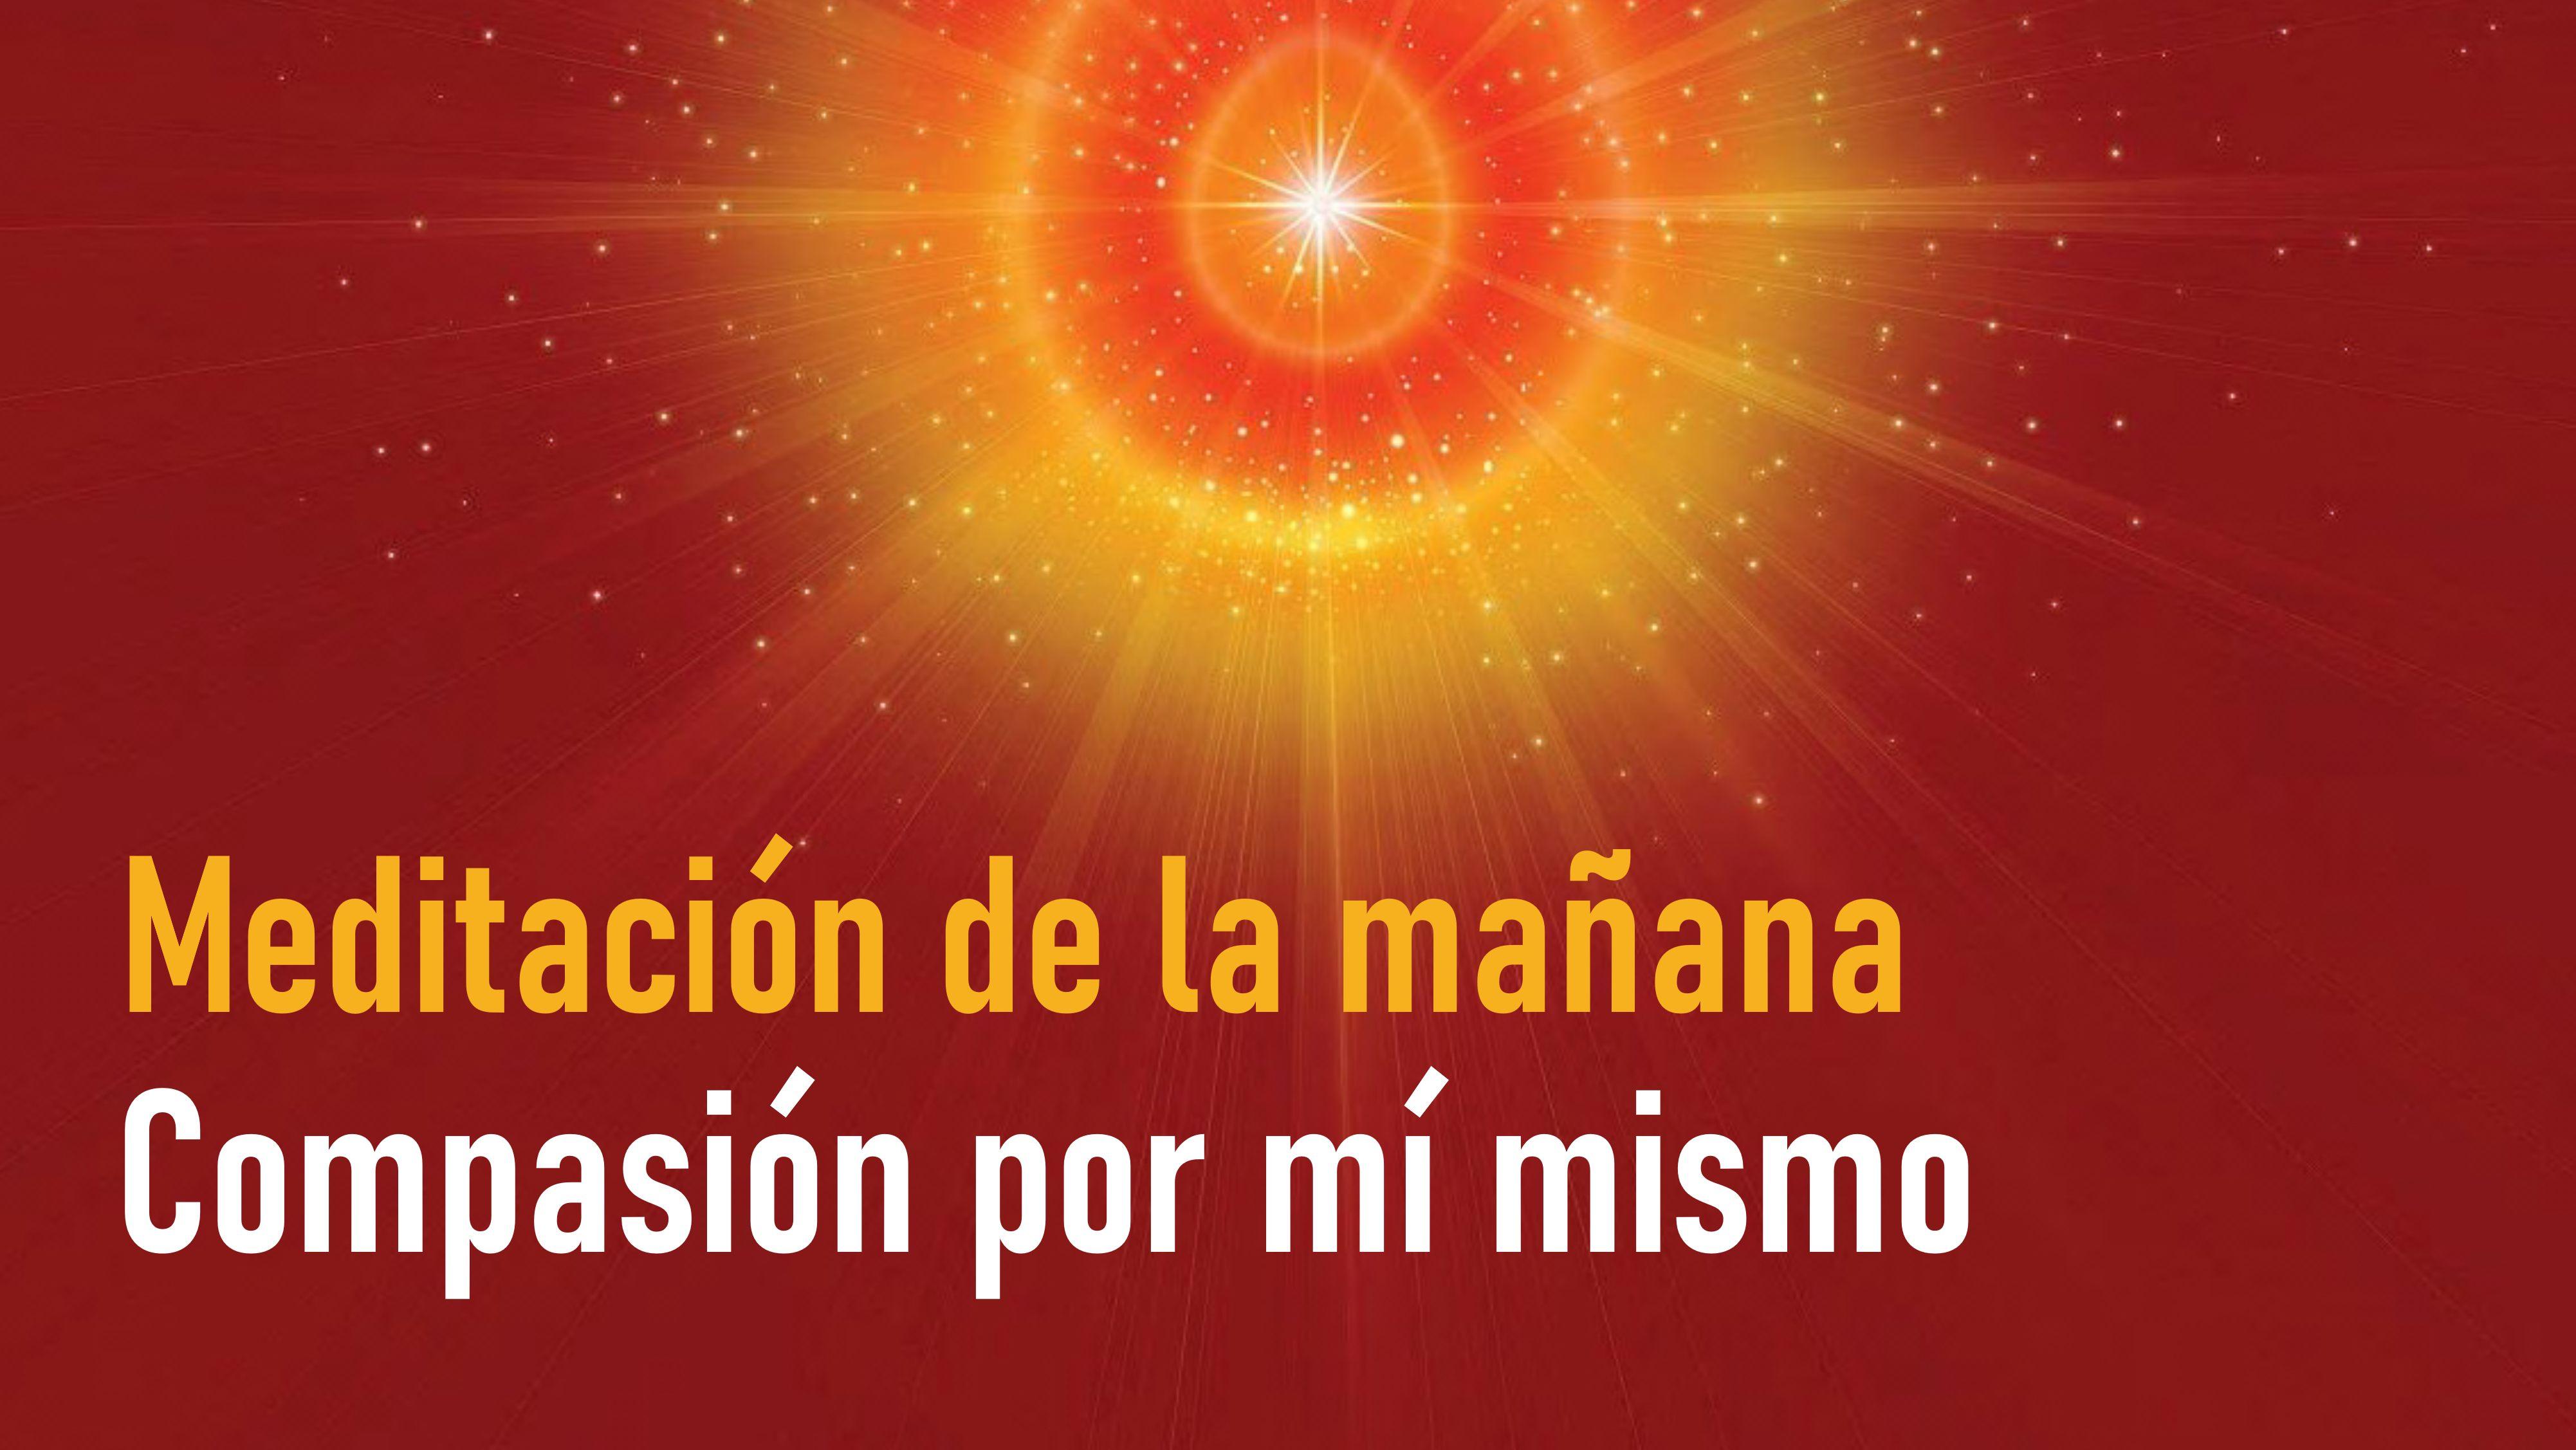 Meditación de la mañana: Compasión por mí mismo (25 de Septiembre)